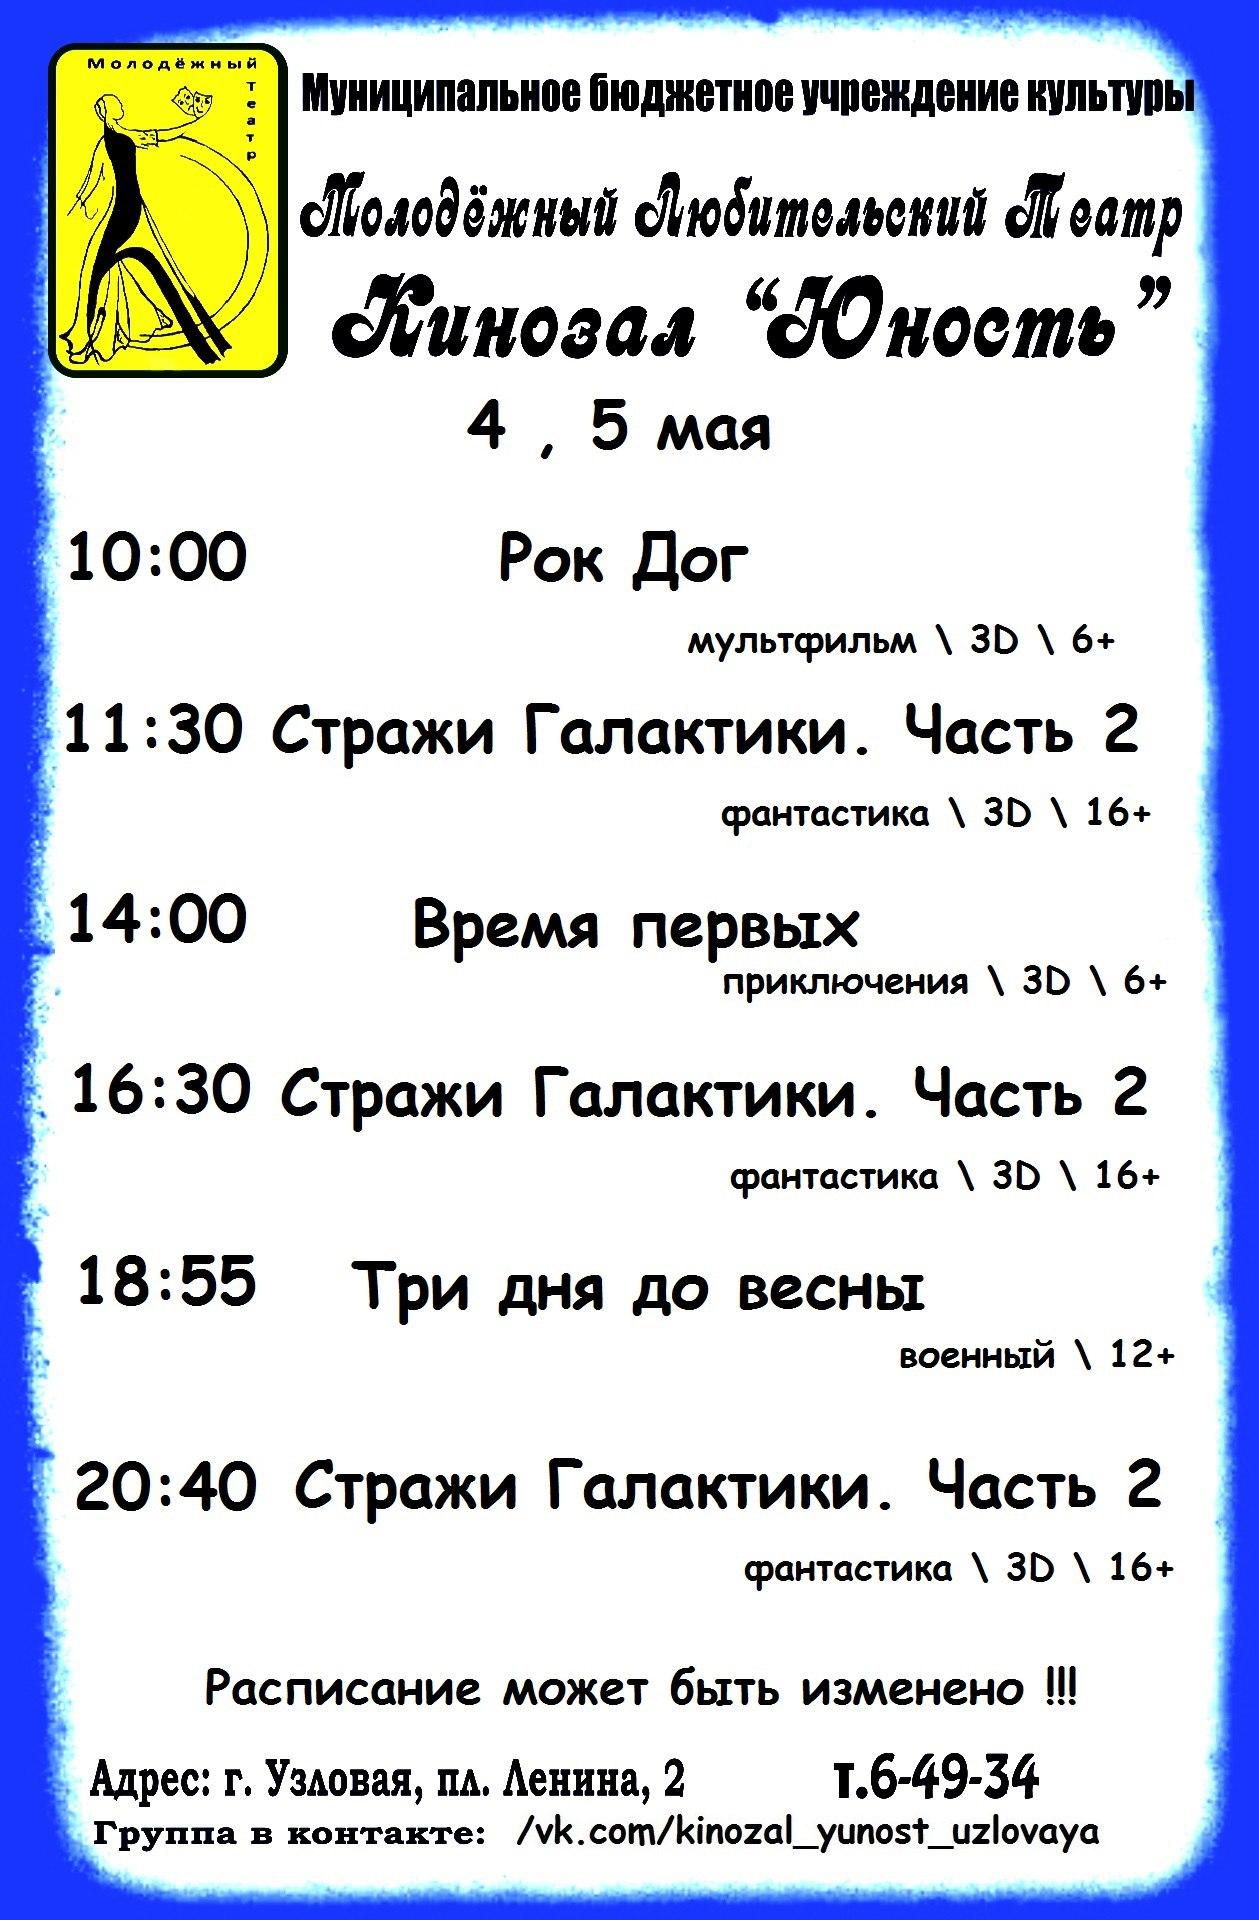 """Расписание кинозала """" Юность """" с 4 по 10 мая"""